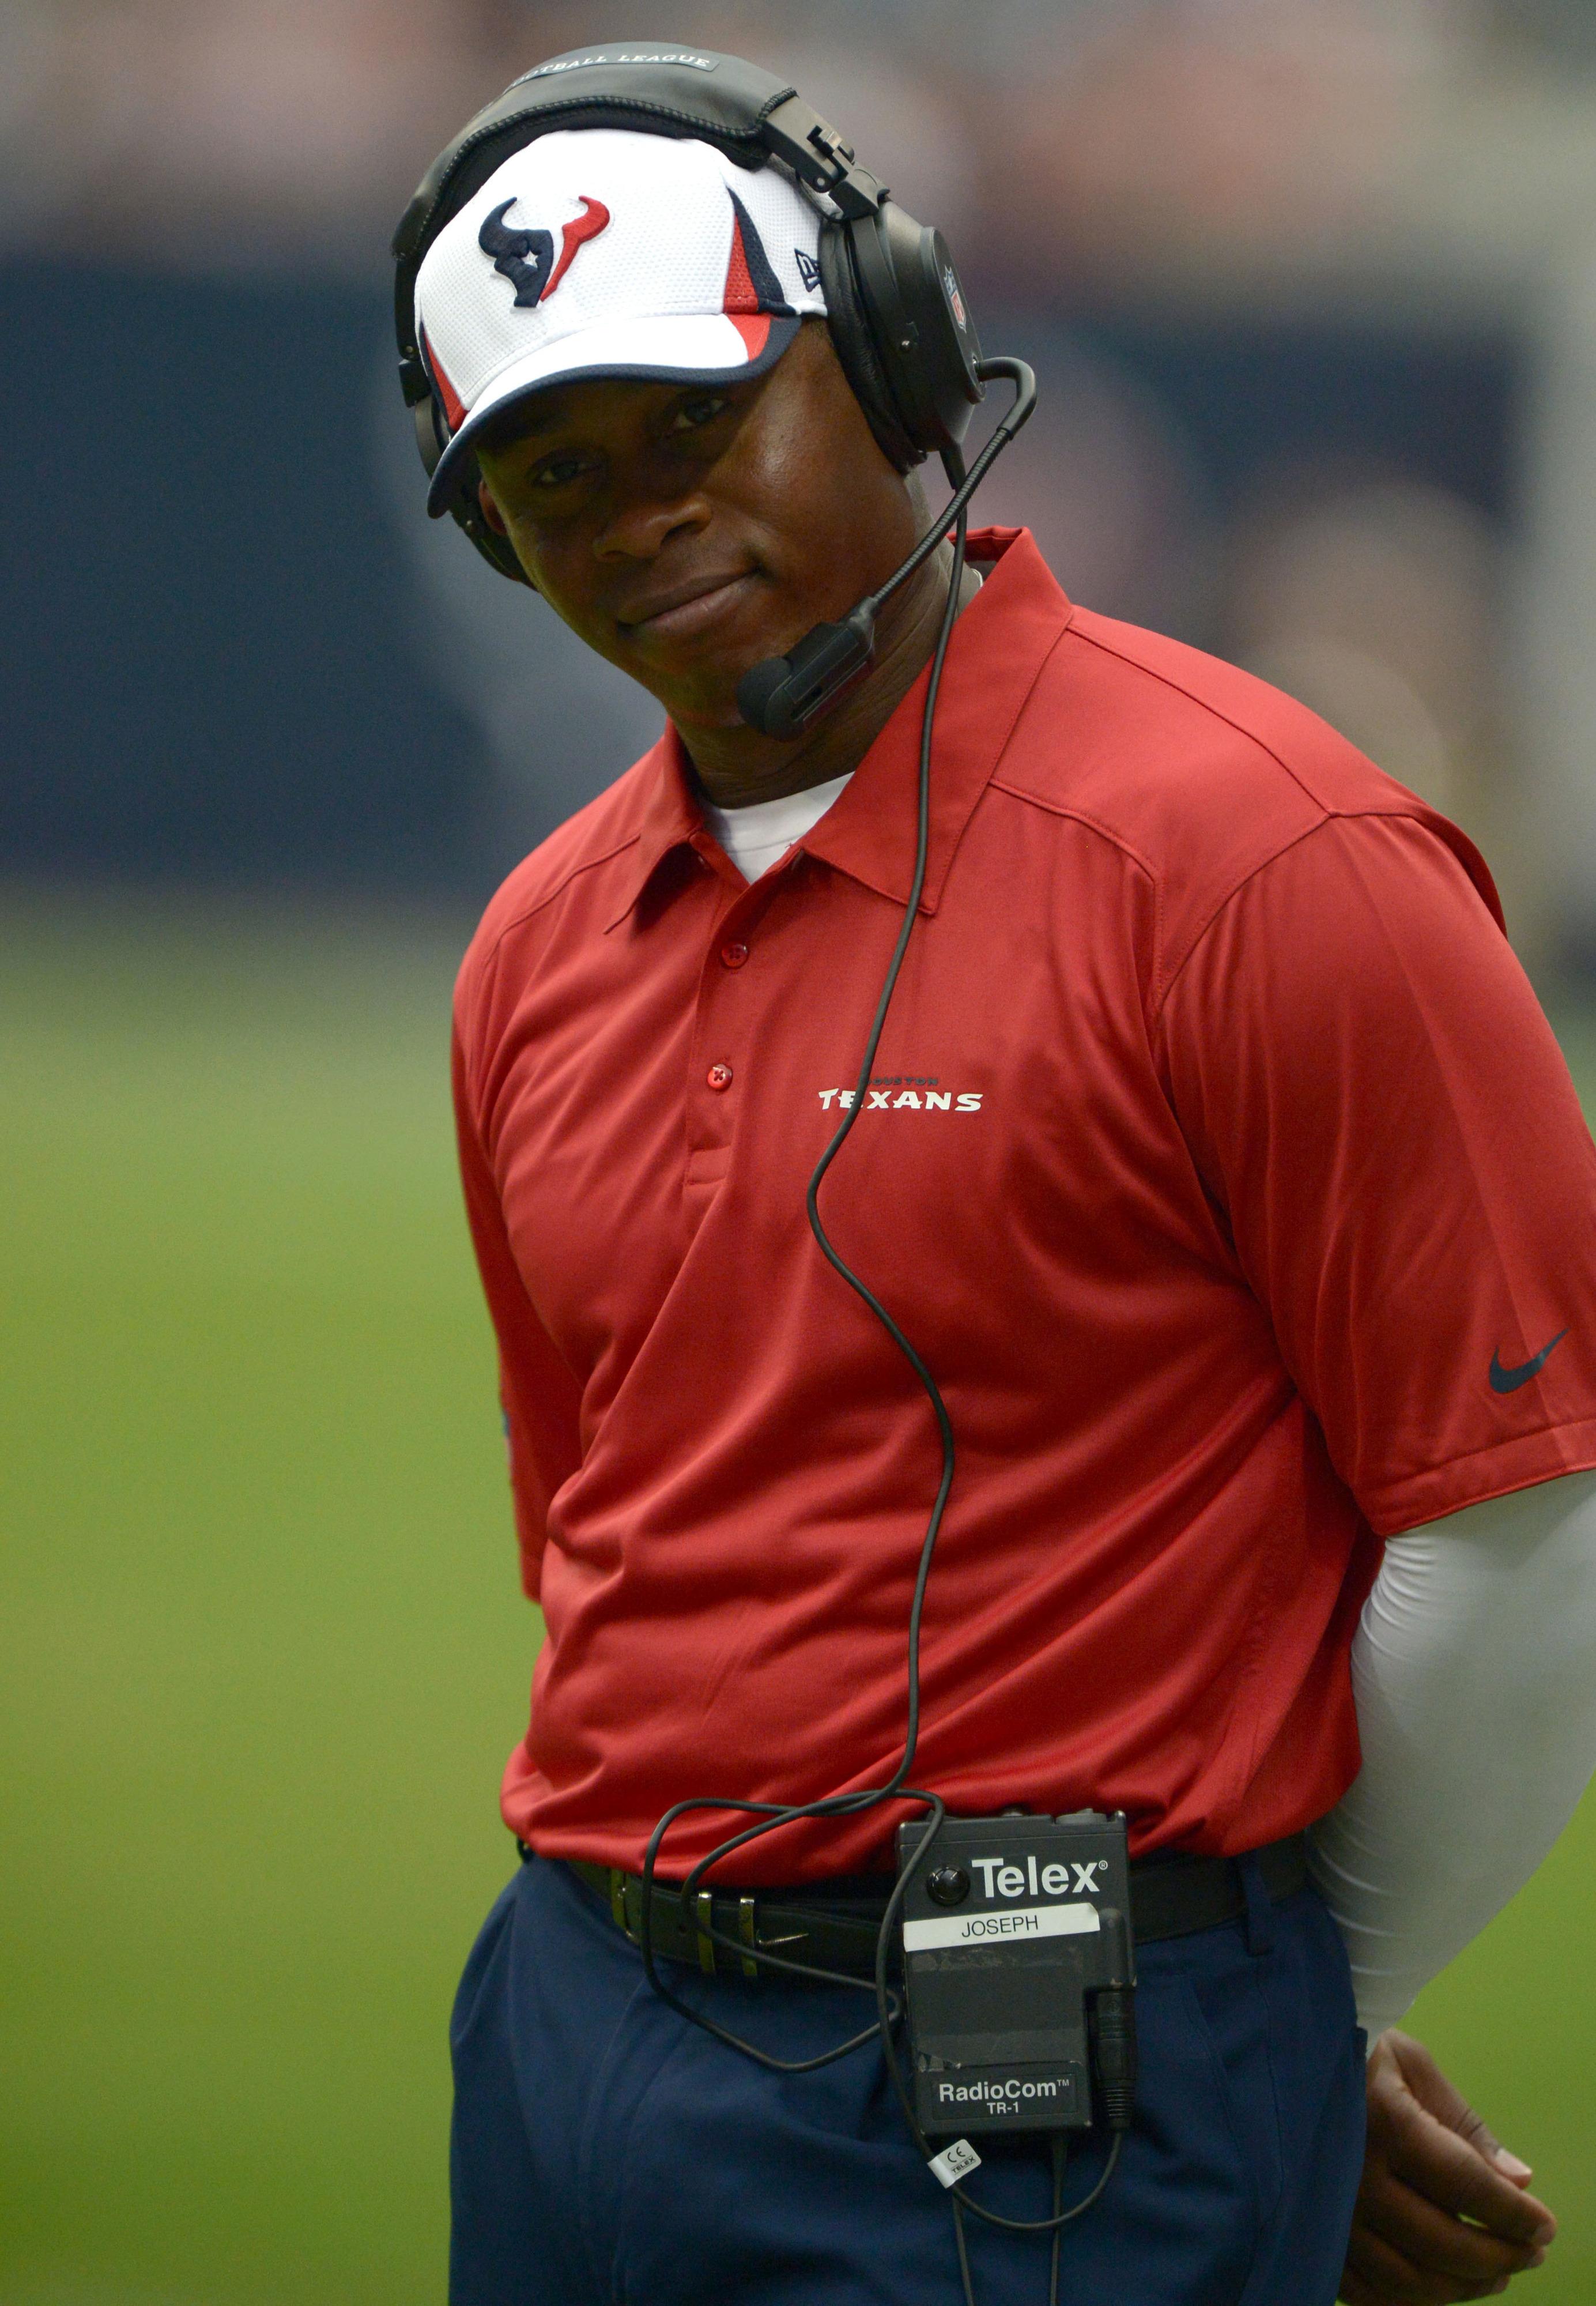 Your new defensive coordinator, Texans fans.